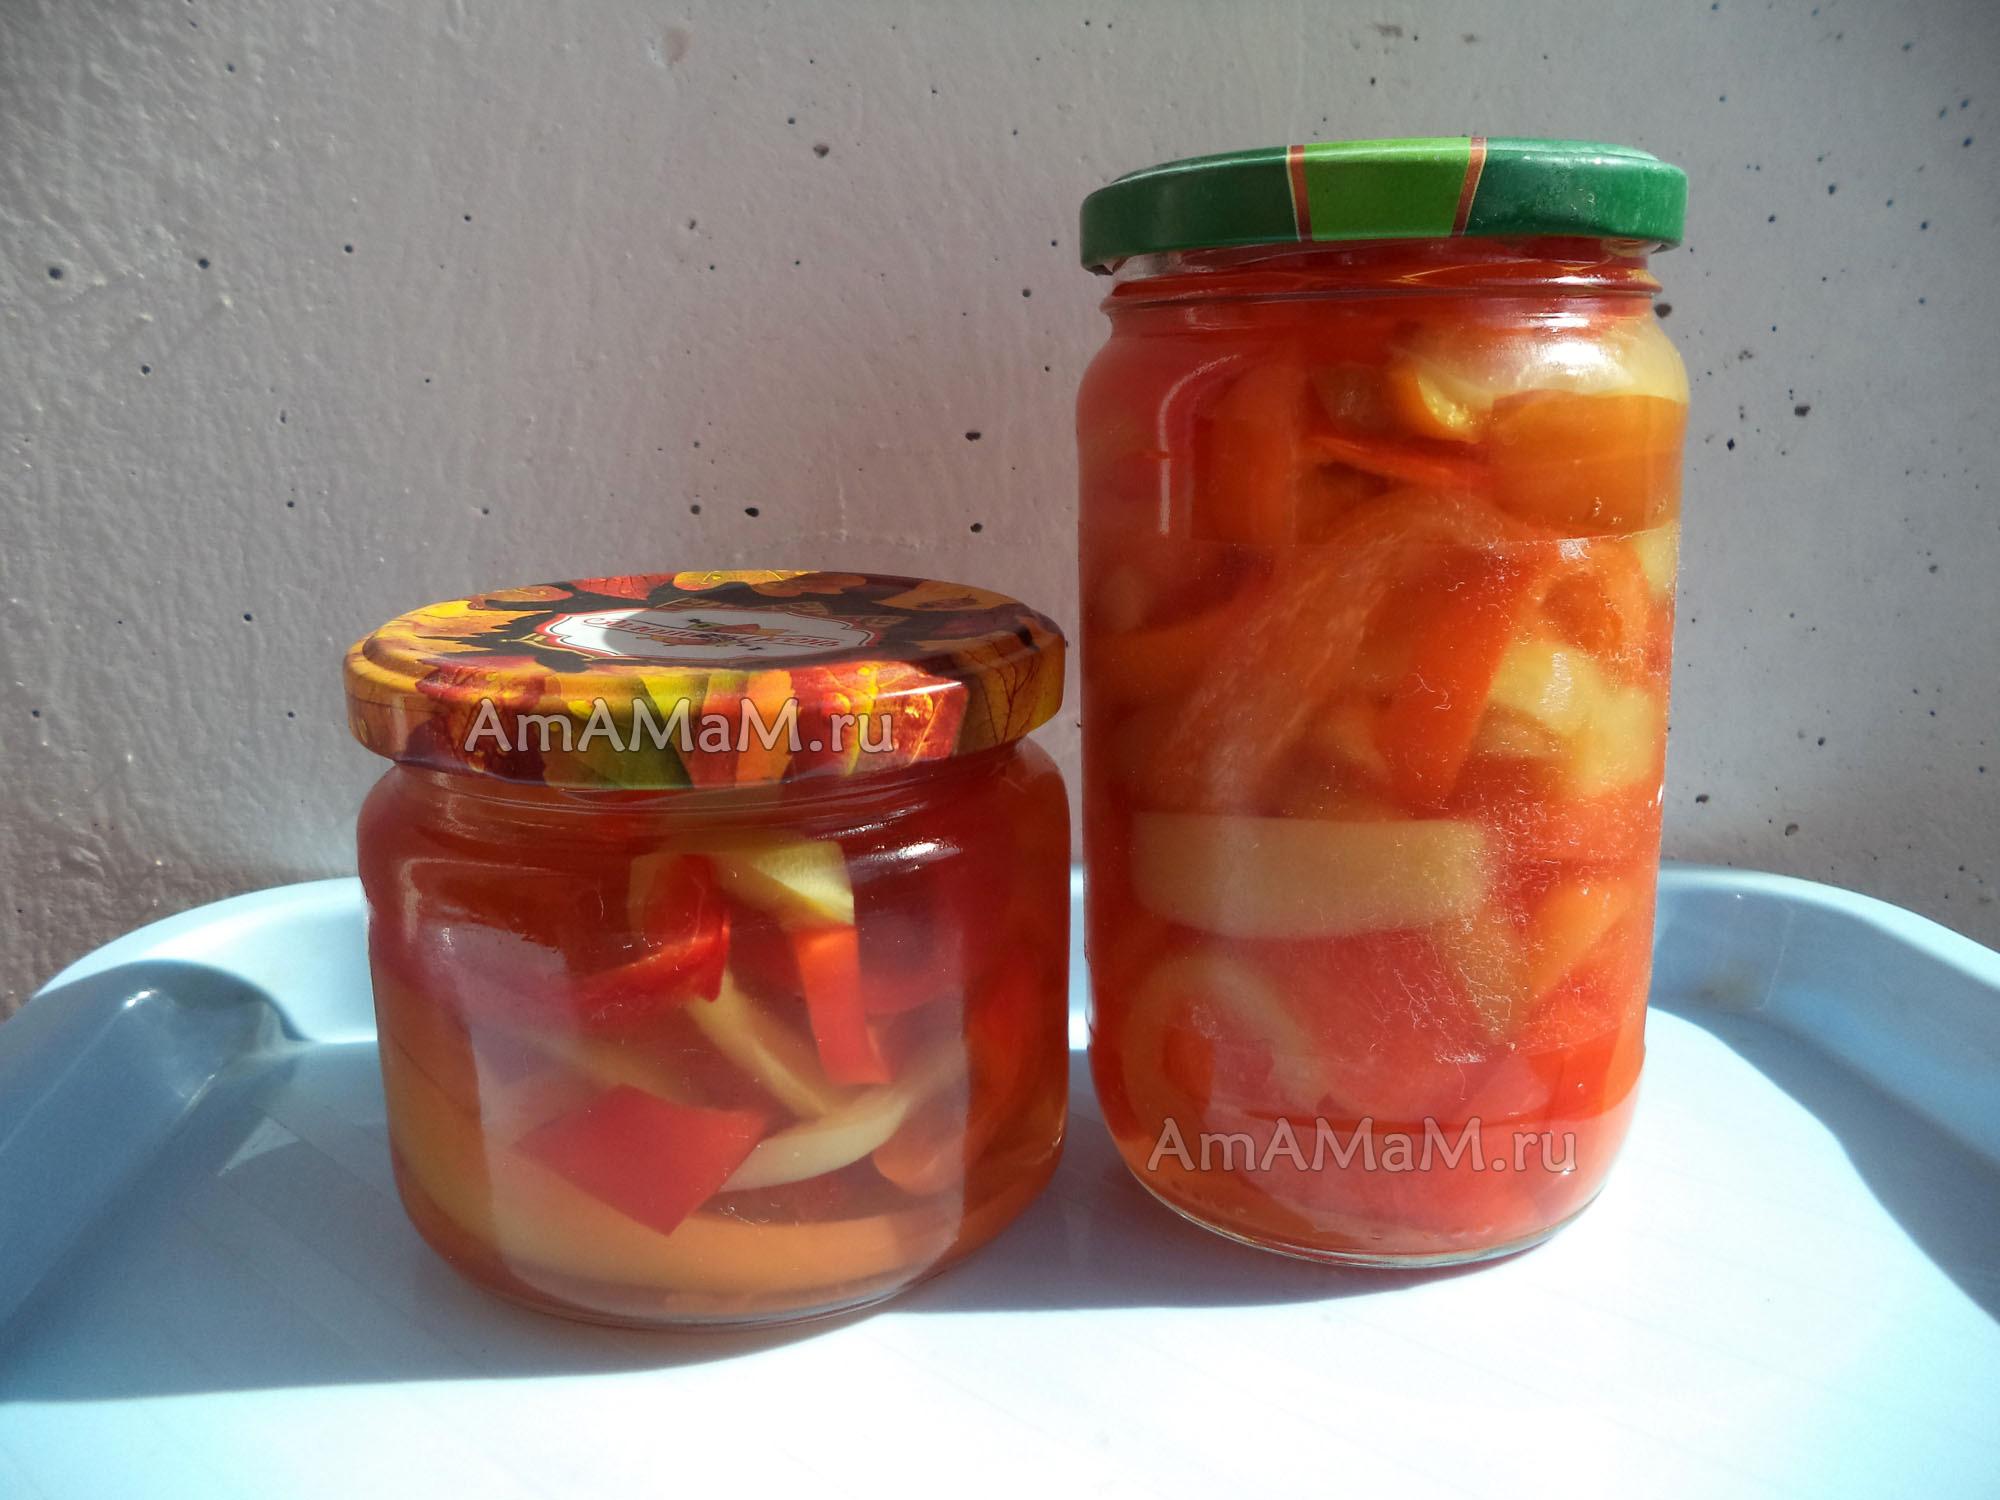 Маринованный перец рецепт маринада от Бабушки Эммы 2